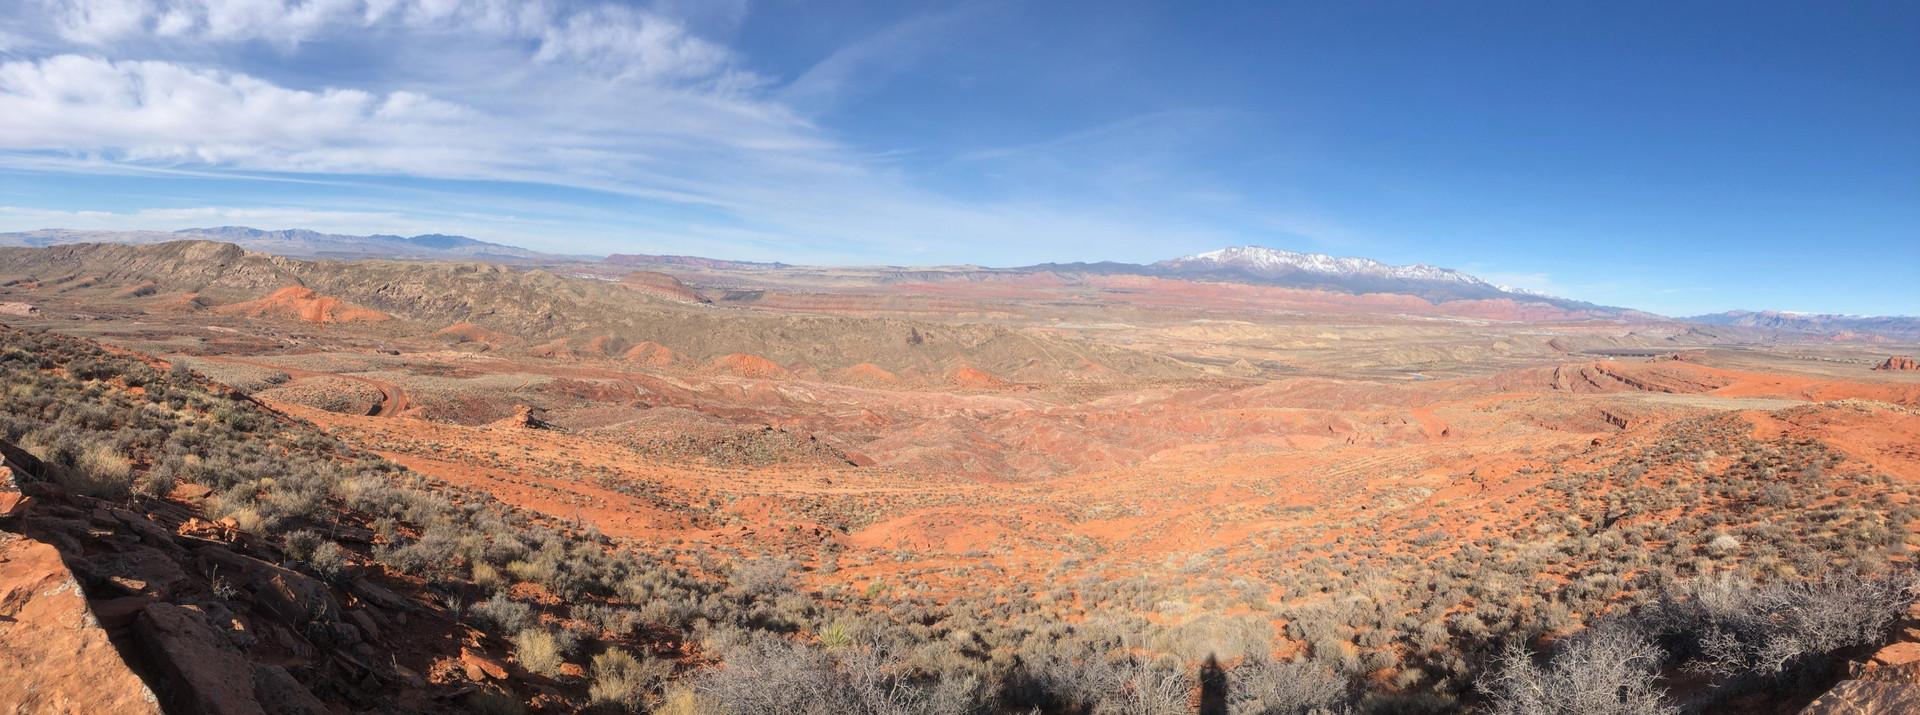 Warner Valley Overlook